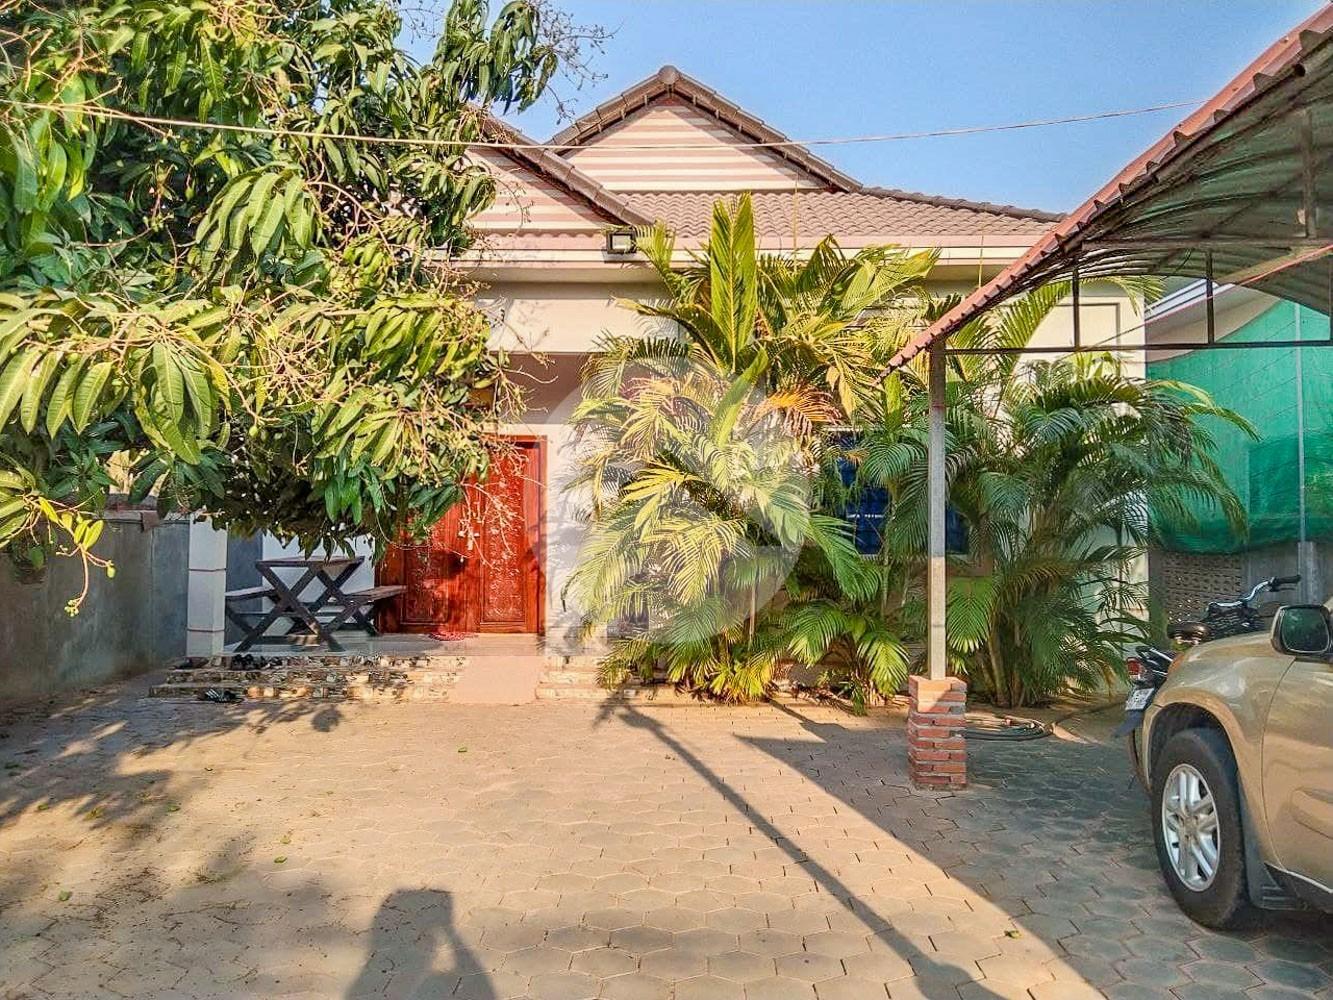 2 Bedroom House For Sale - Kor Kranh, Siem Reap